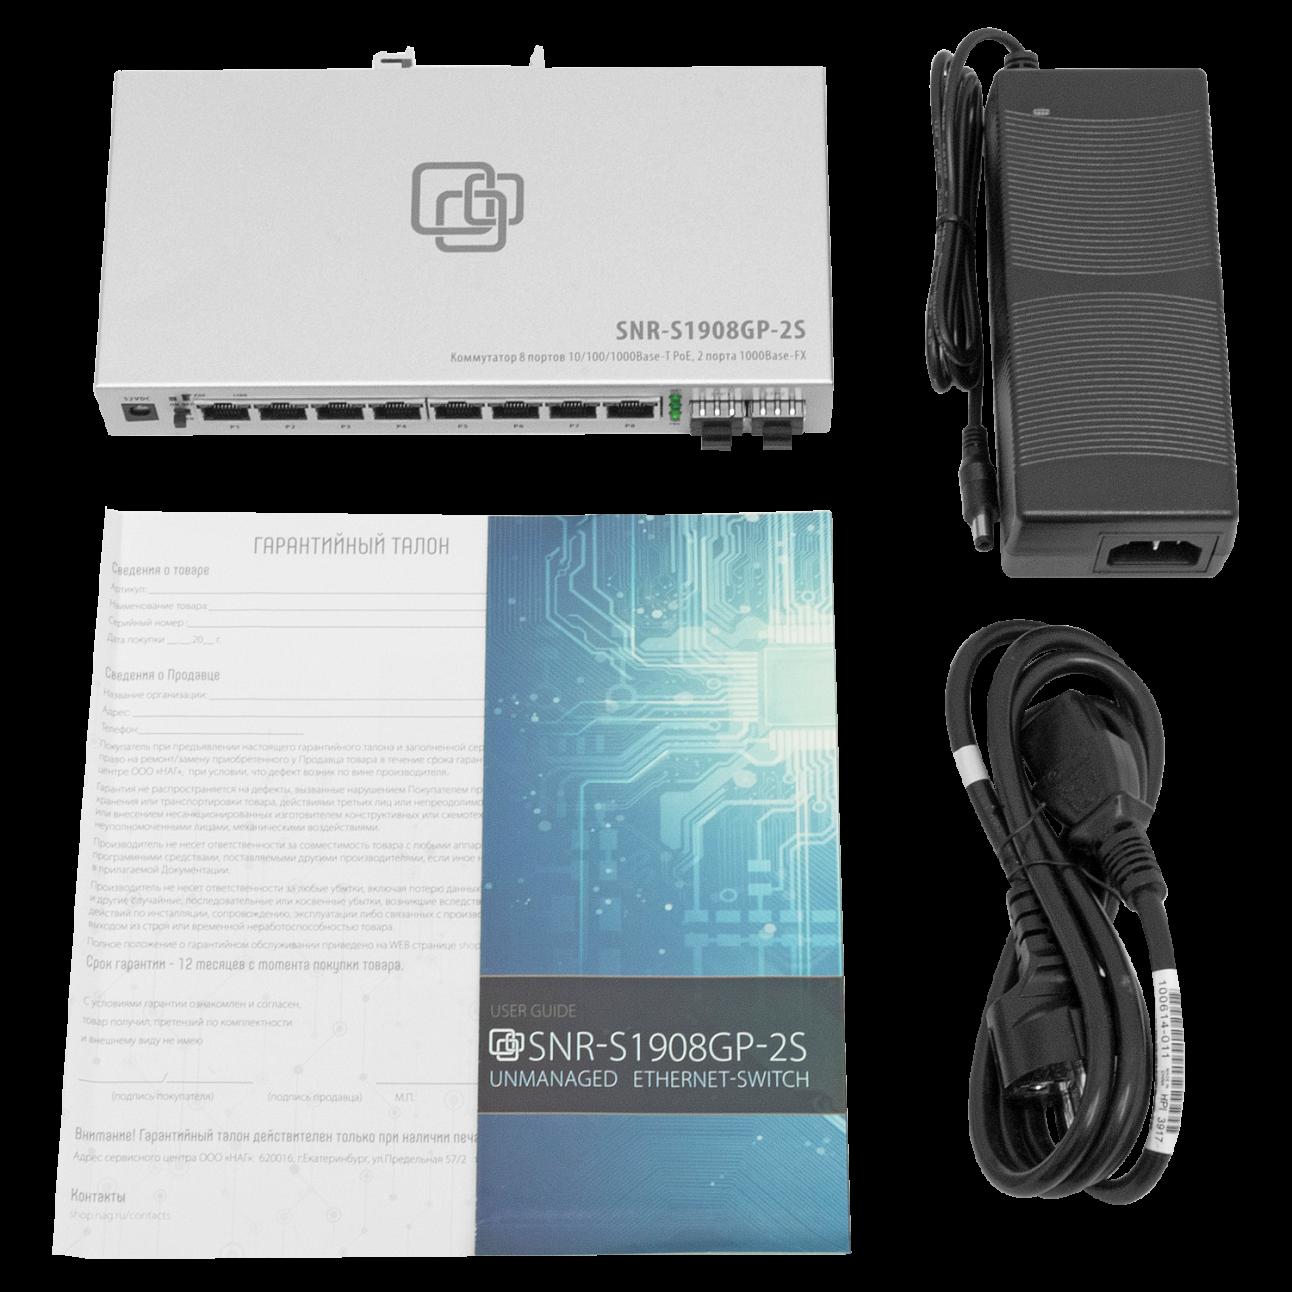 Неуправляемый POE коммутатор SNR-S1908GP-2S